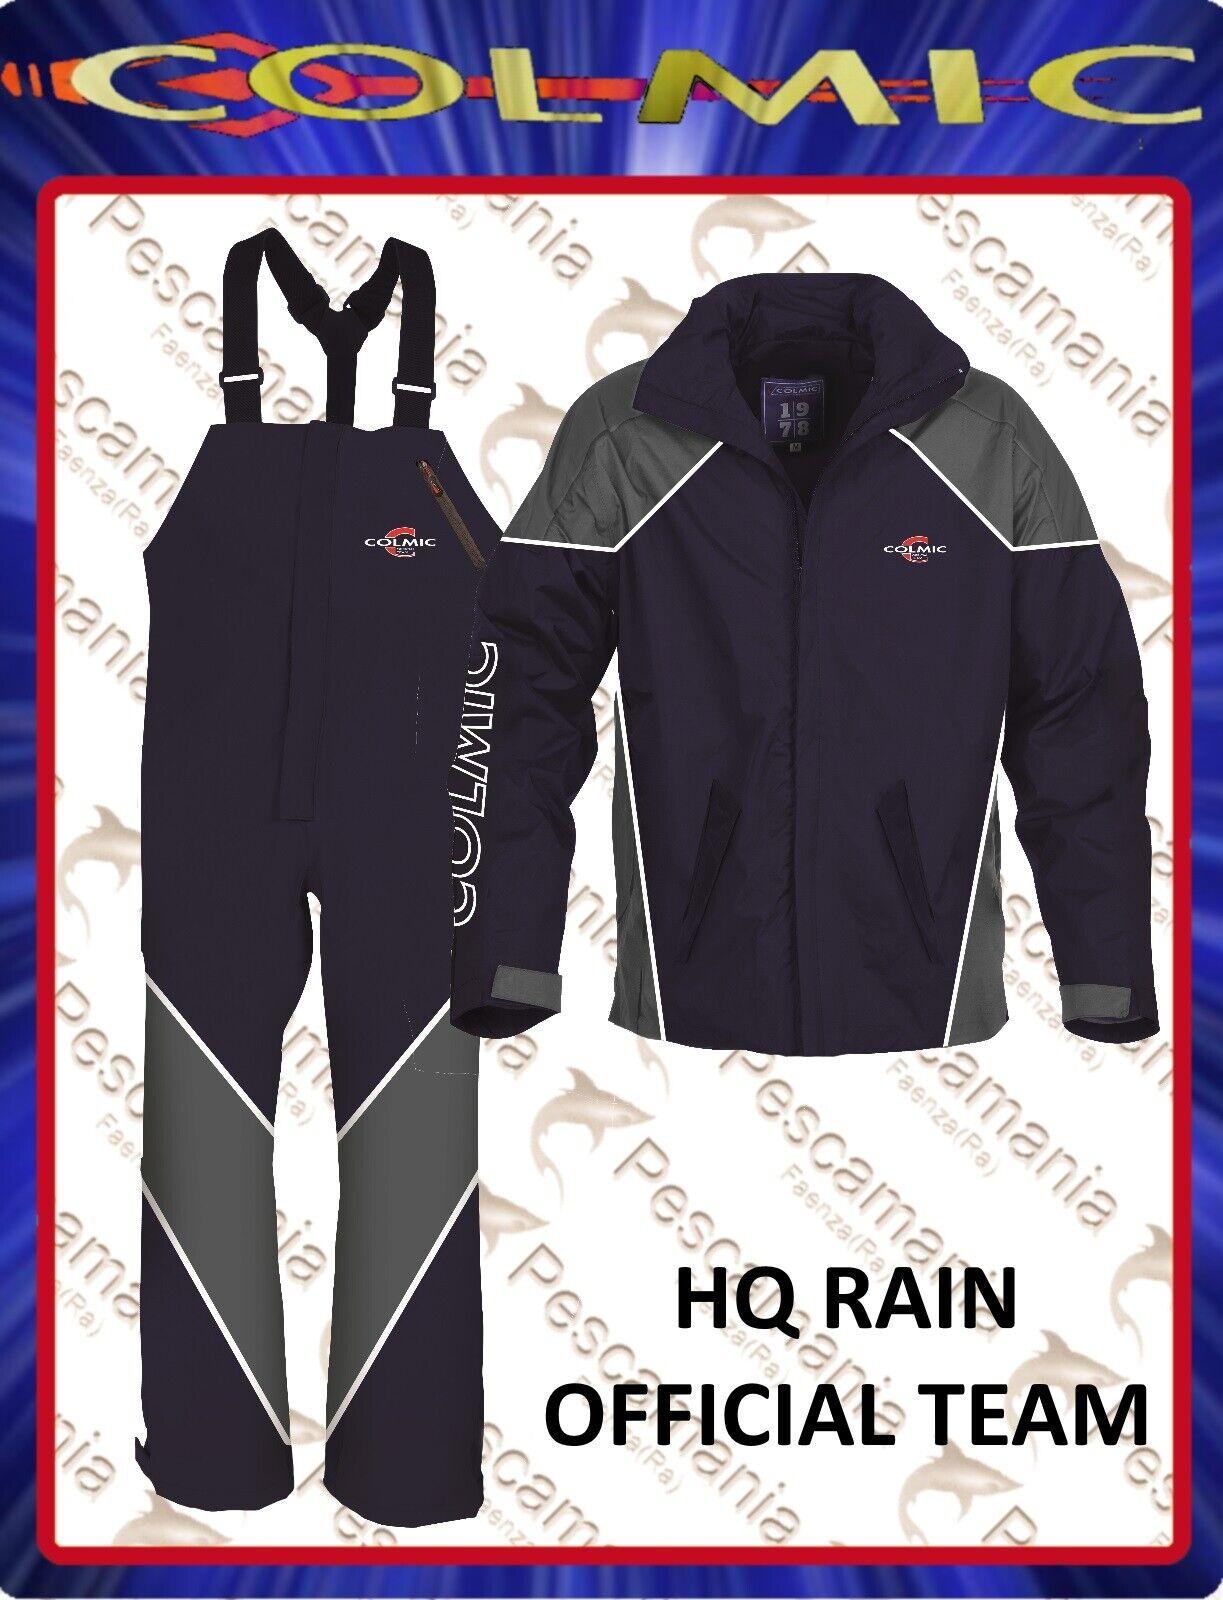 Completo Completo Completo anti pioggia Colmic HQ RAIN official team impermeabile traspirante 075b03